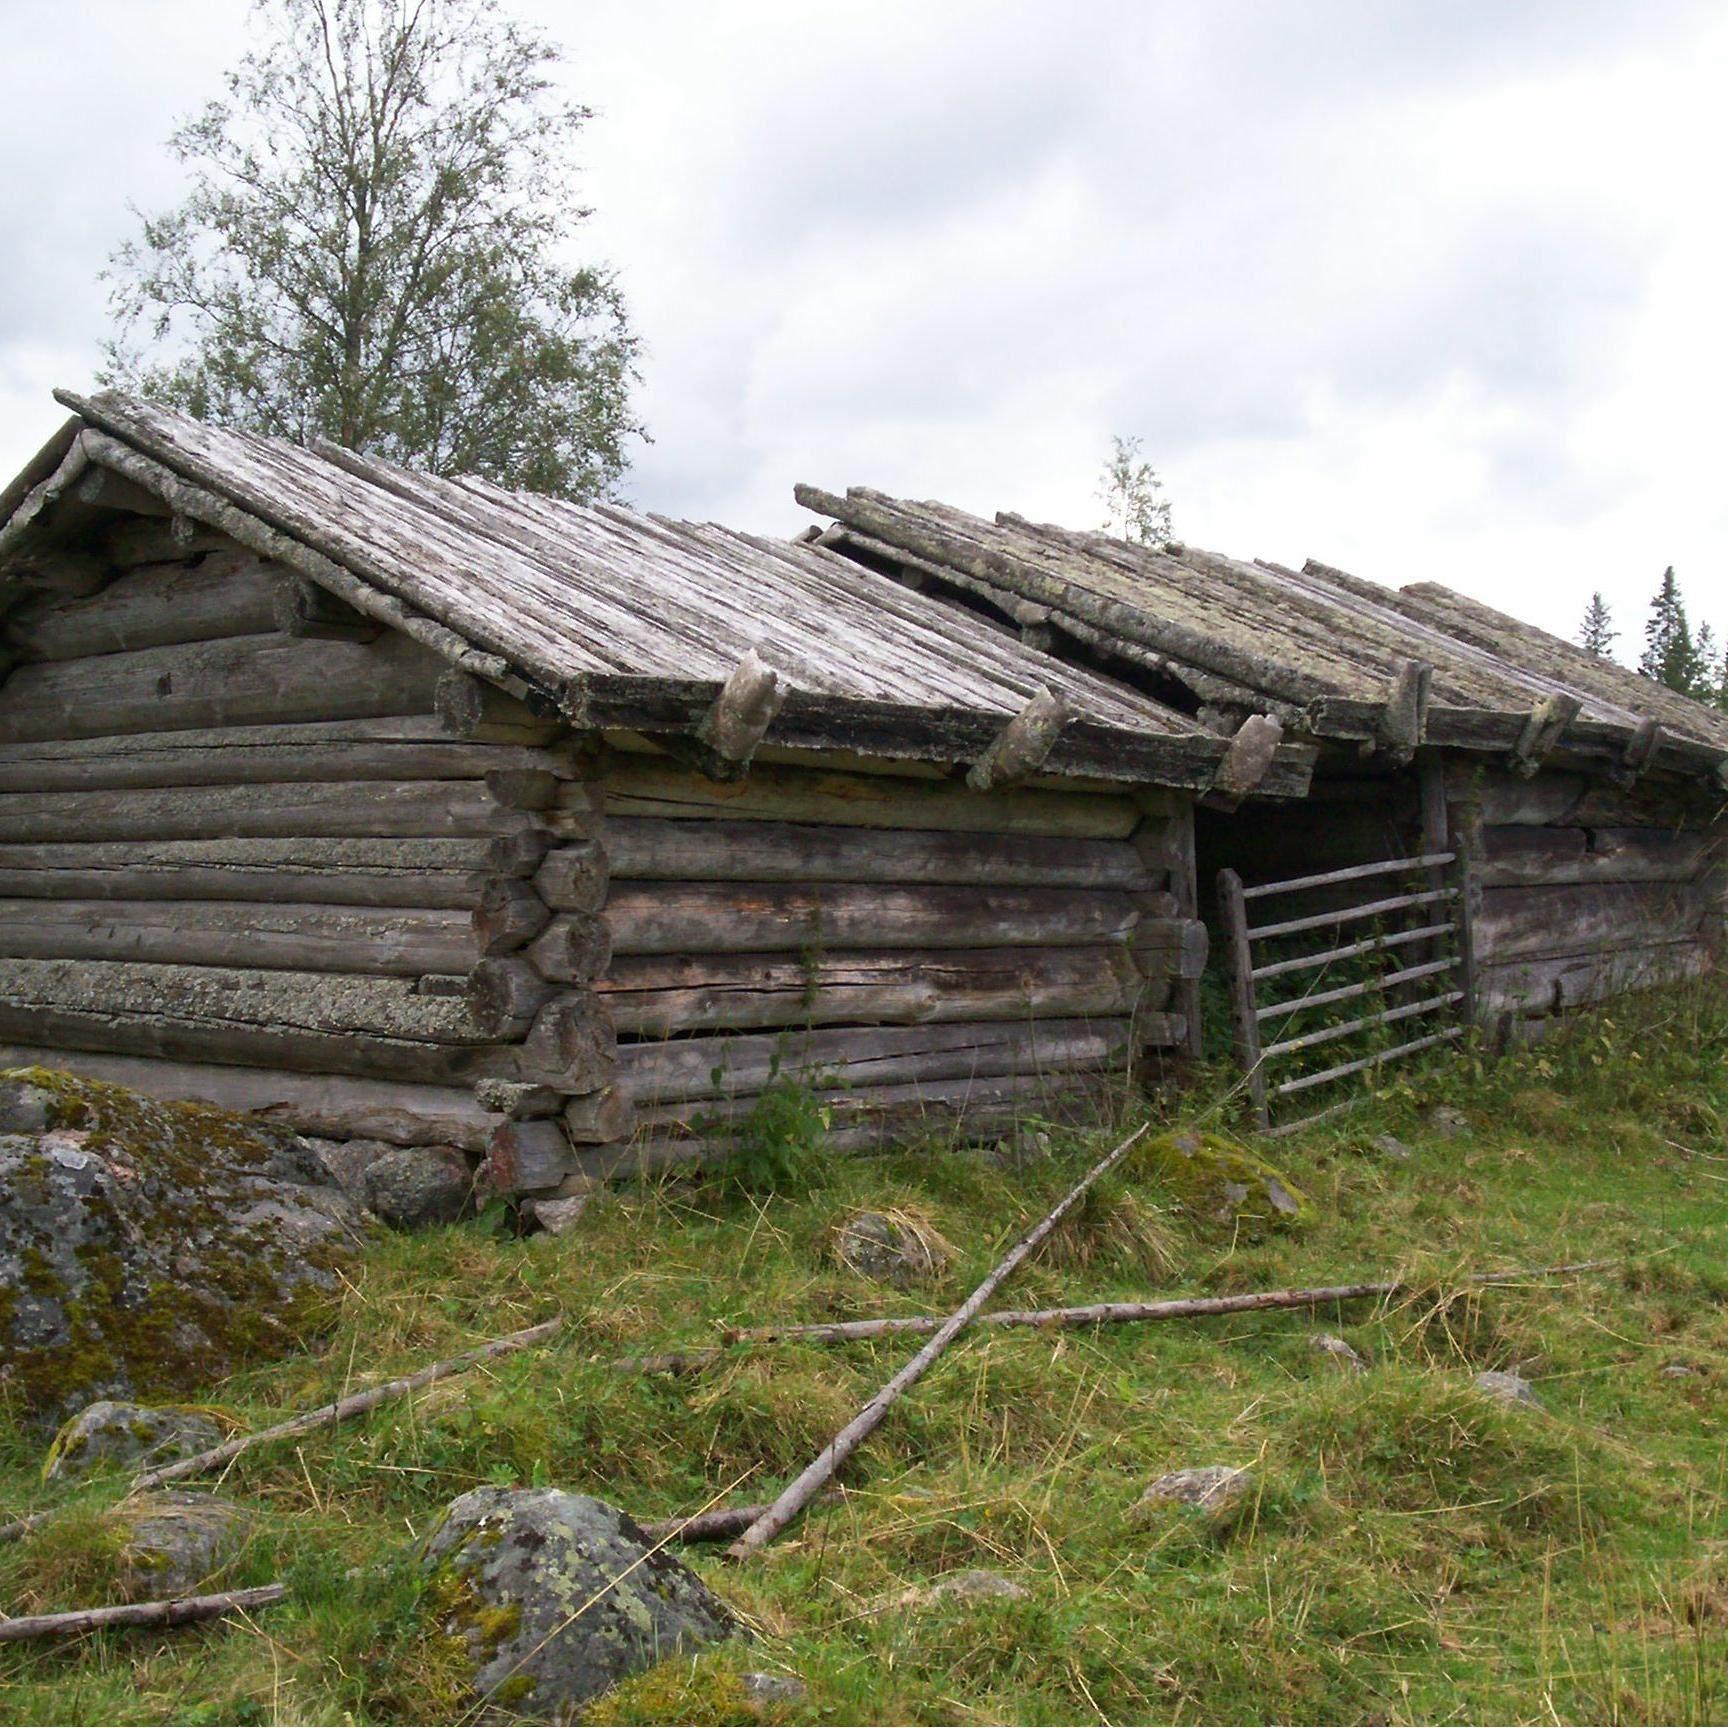 Lador på Ärteråsens Fäbodar, Furudal, Rättvik